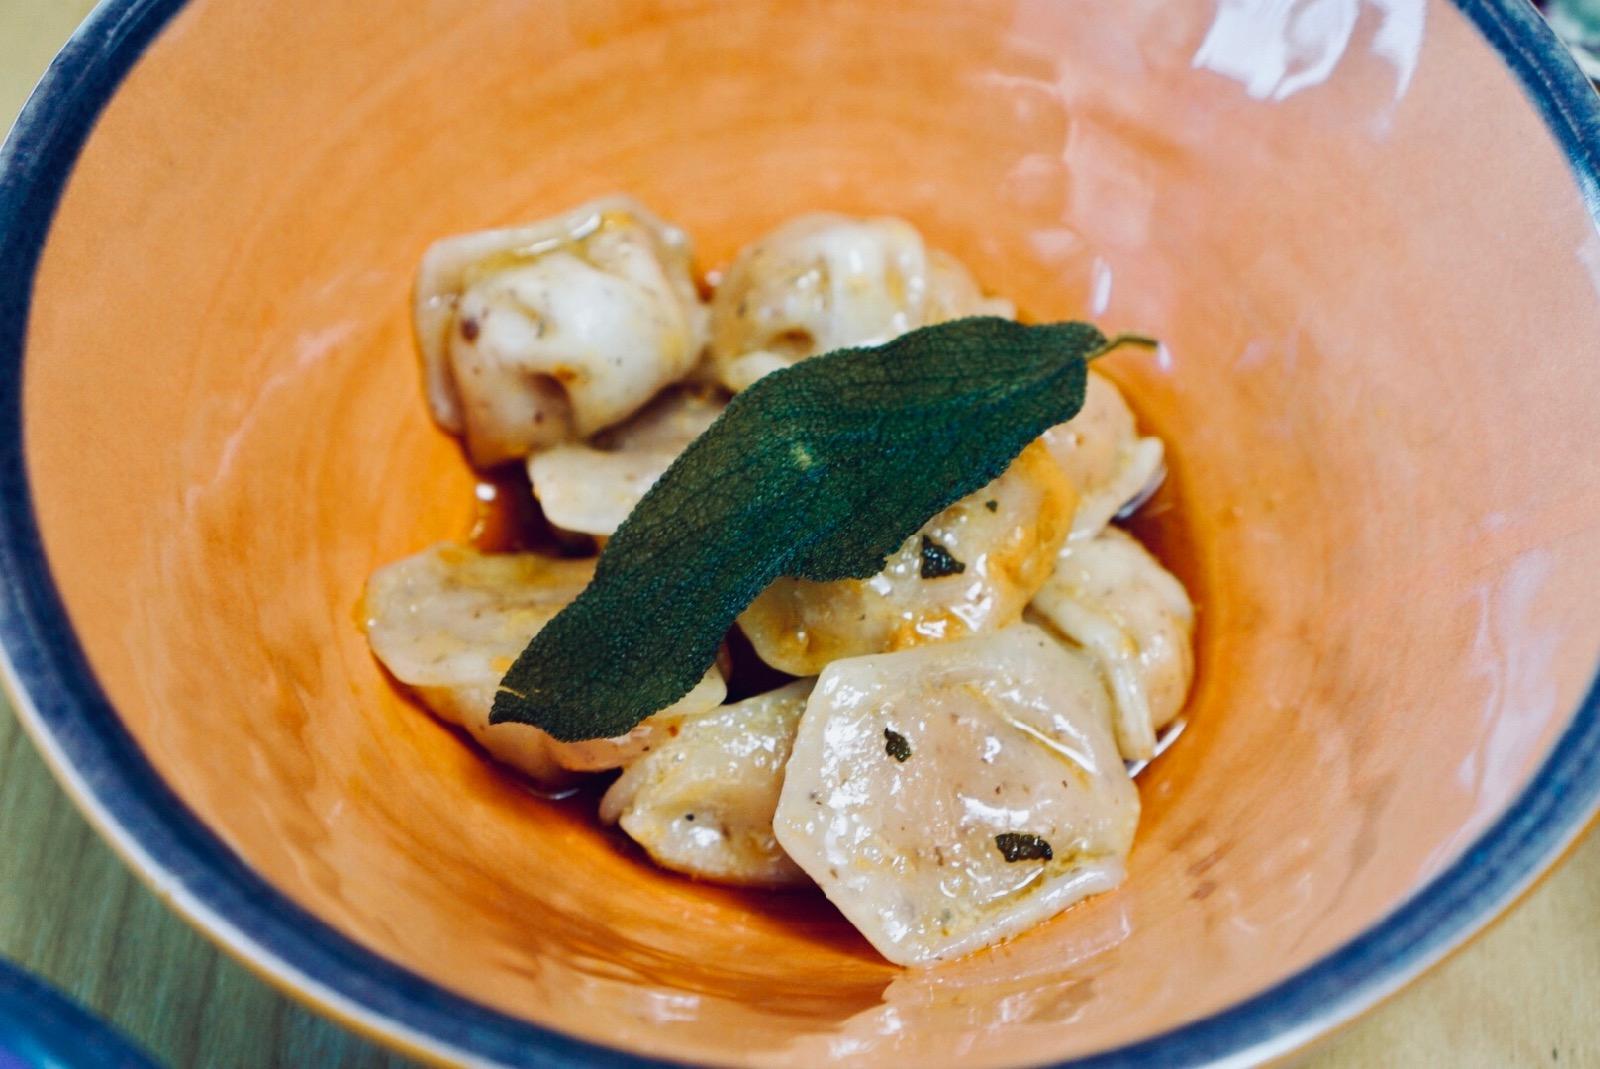 stuffd-gluten-free-dumplings.jpg